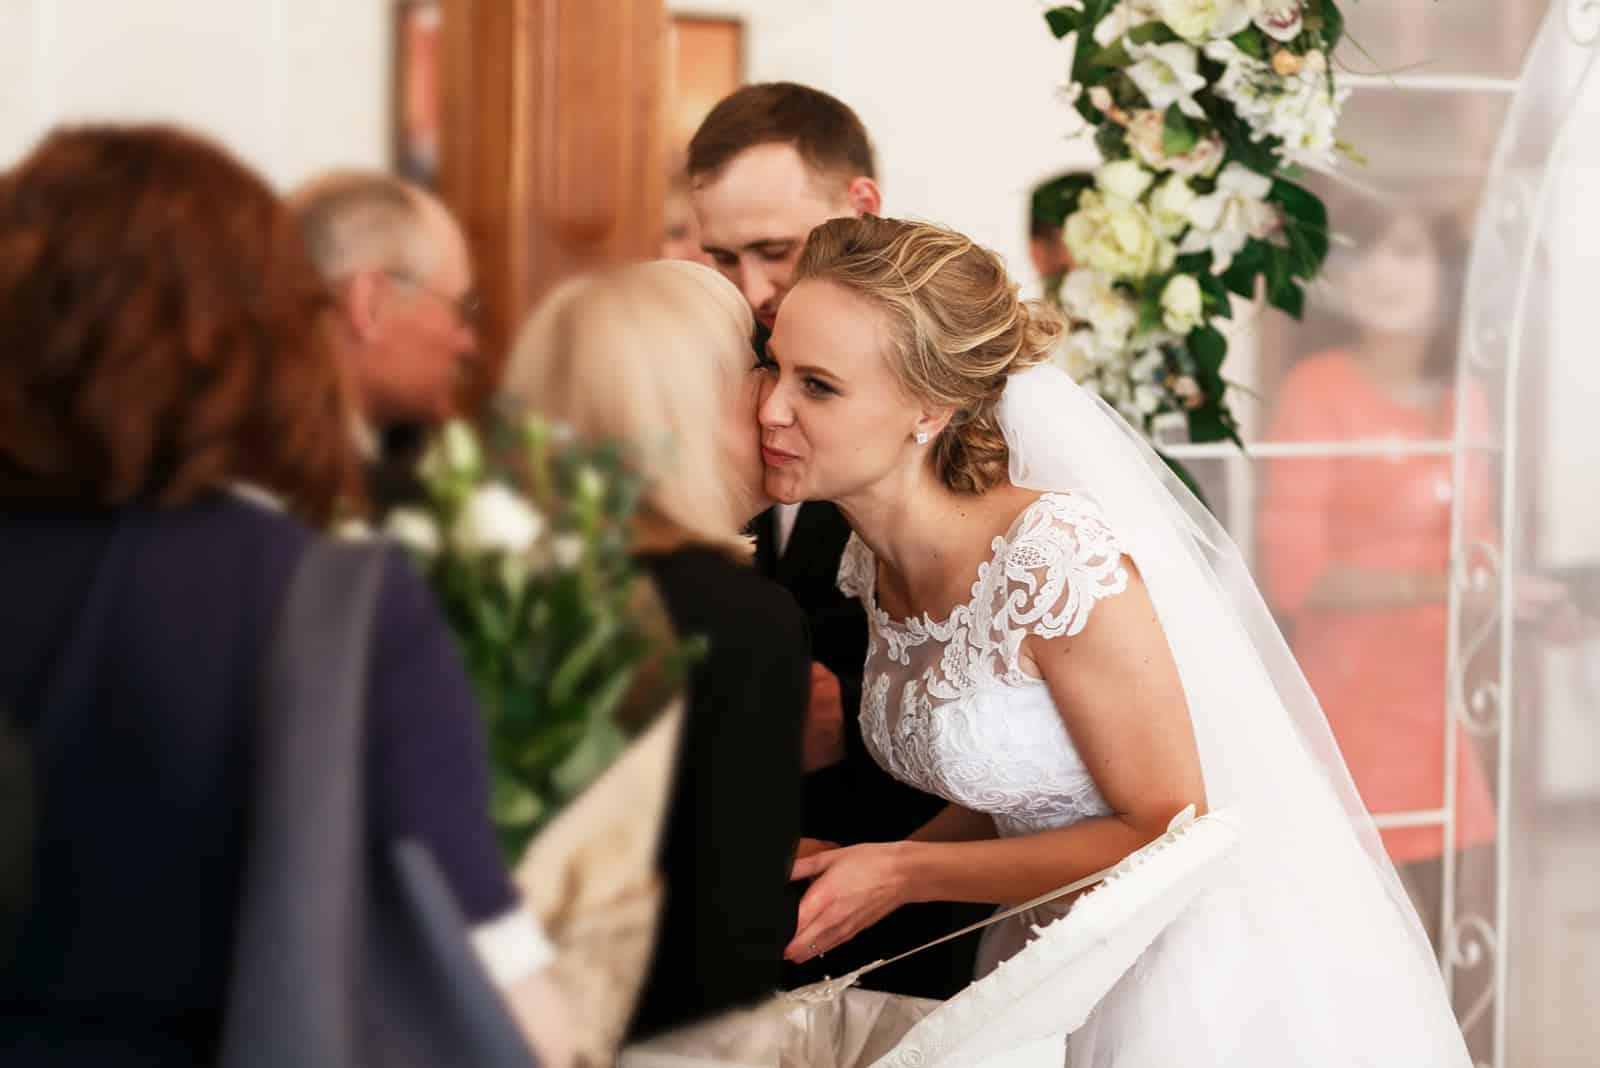 Schöne stilvolle Braut und Bräutigam unter den Hochzeitsgrüßen von den Gästen